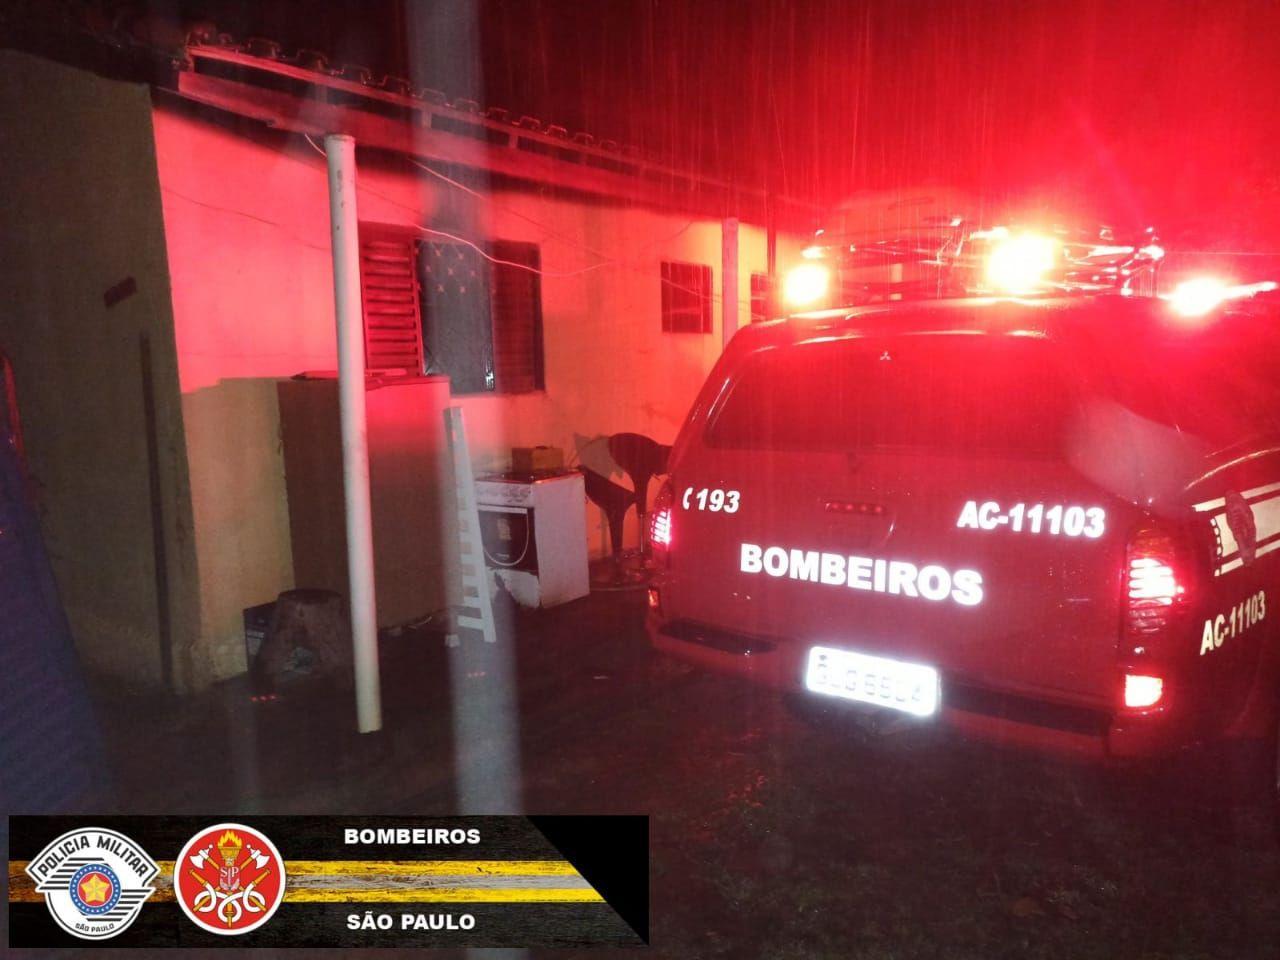 Casa pega fogo após curto circuito em Monteiro Lobato